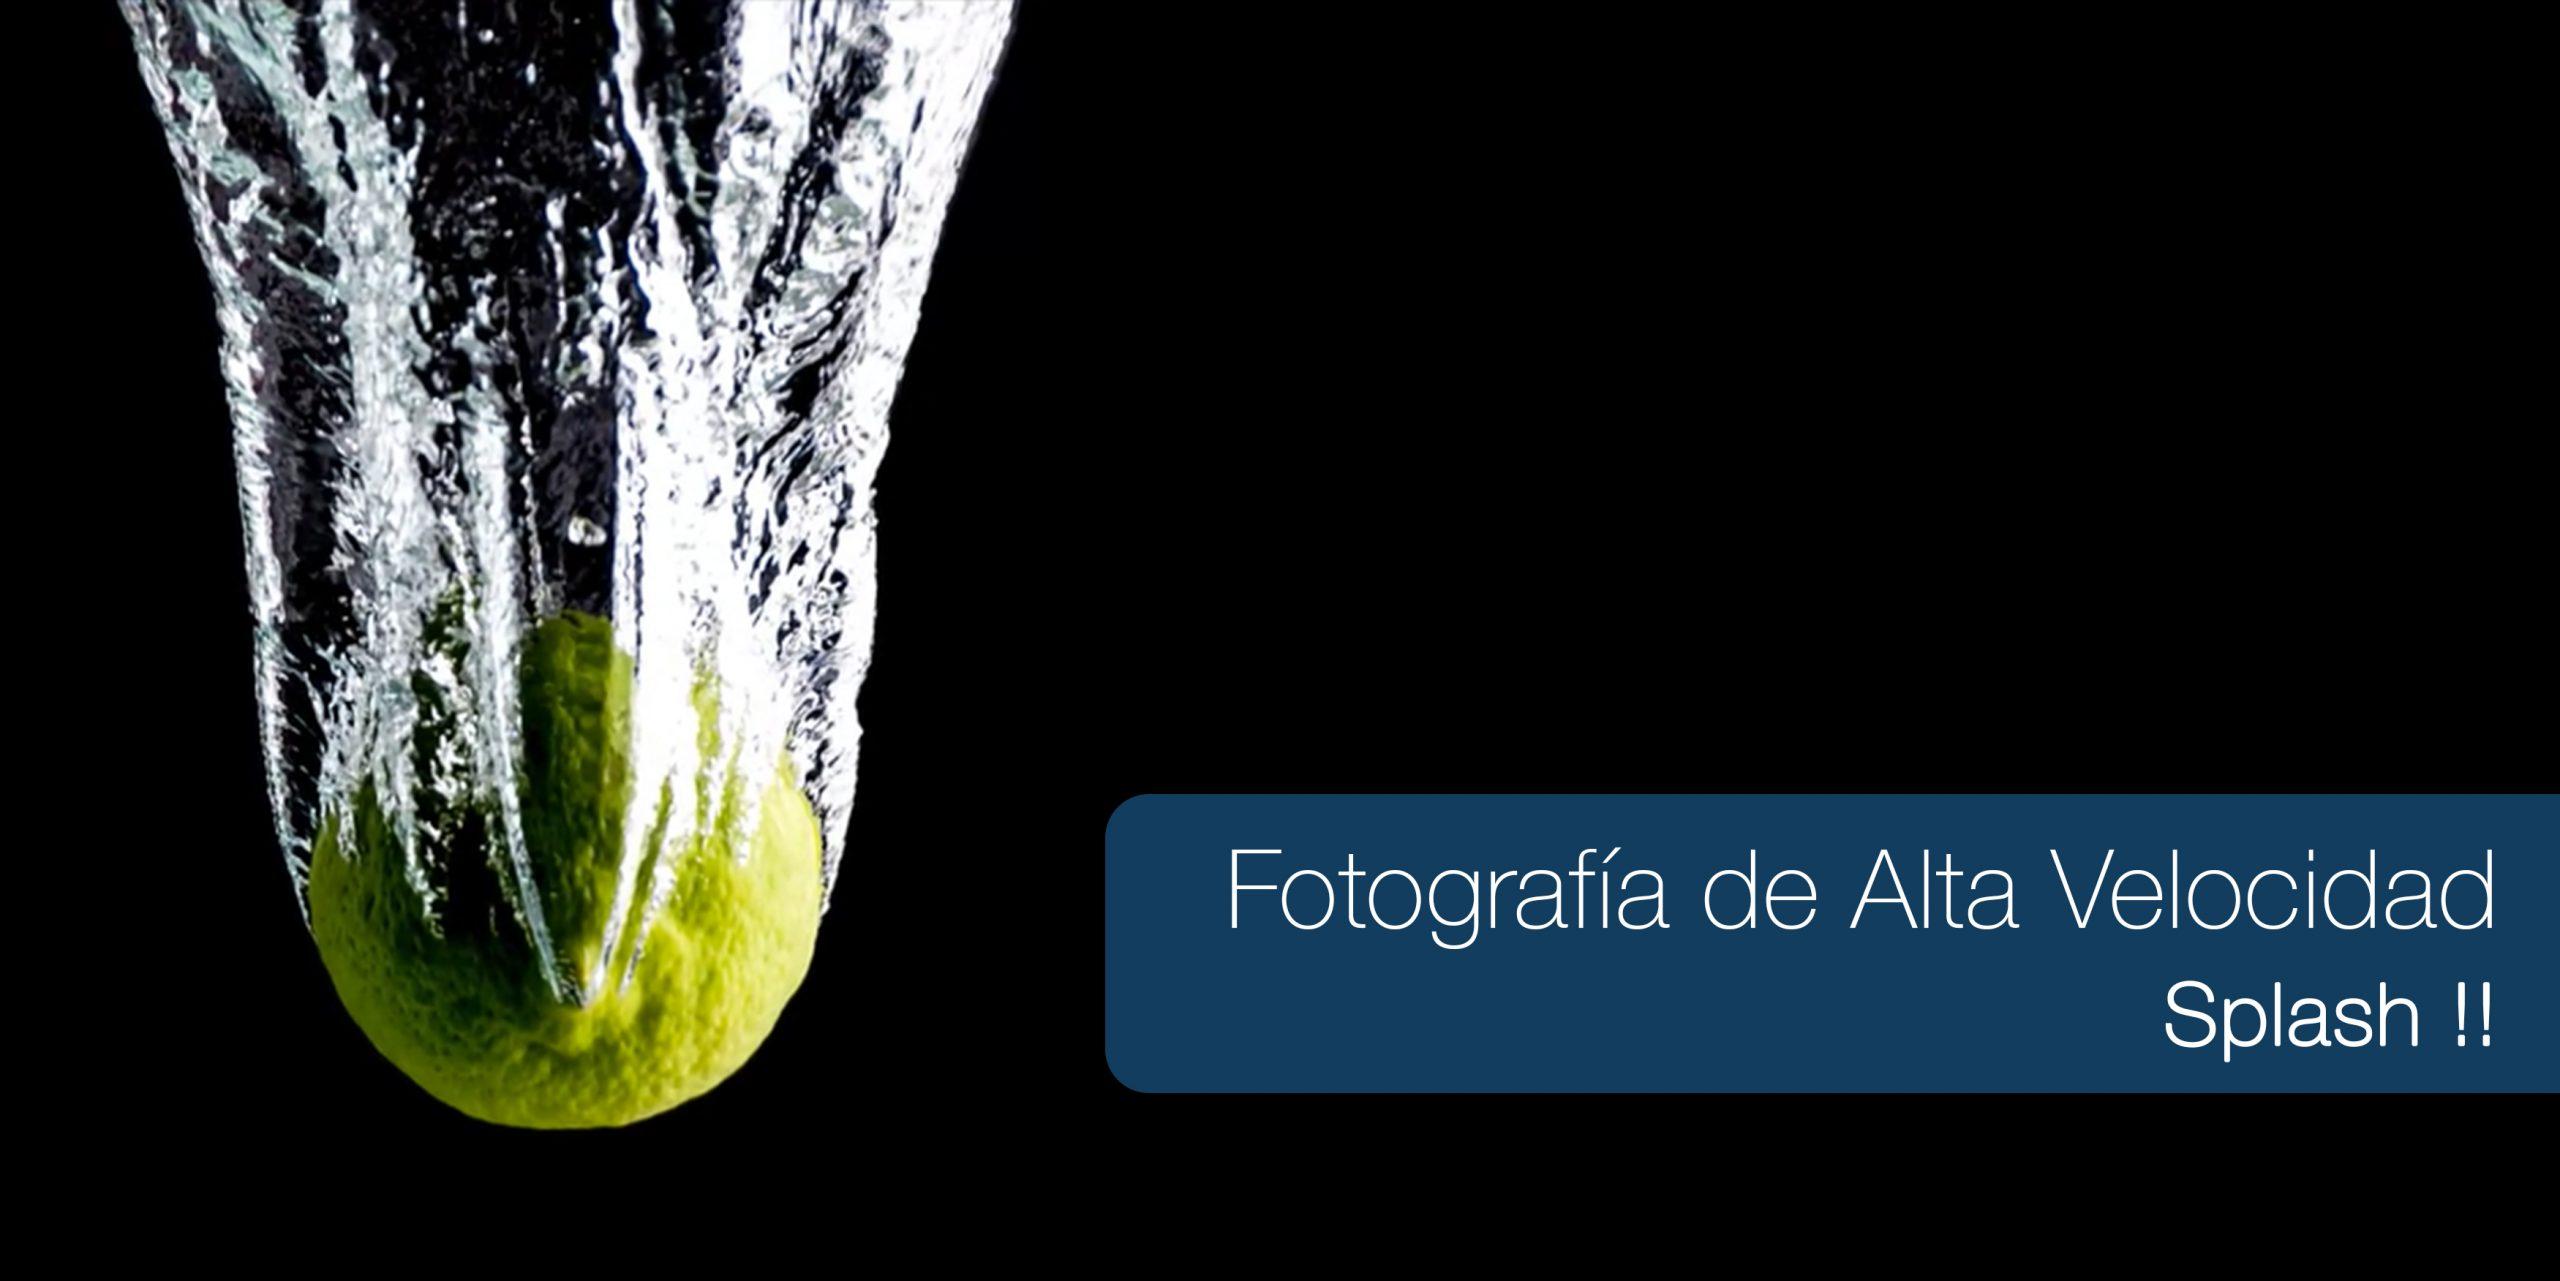 Curso de fotografía de Alta Velocidad <br> SPLASH !! <br> 14 Enero 2020 <br> Turno Tarde <br>